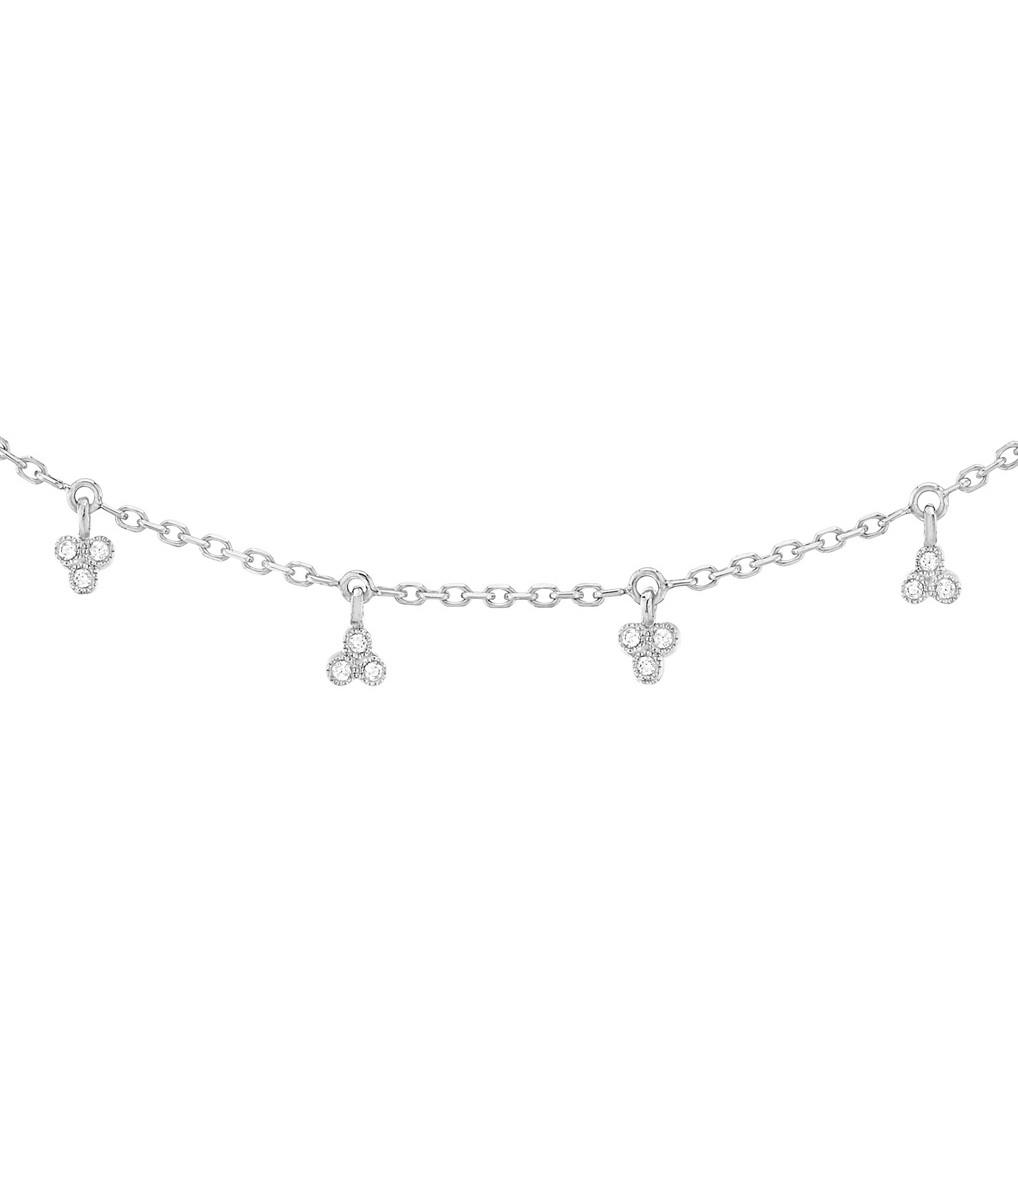 STONE PARIS - Collier Volupté Or Diamants